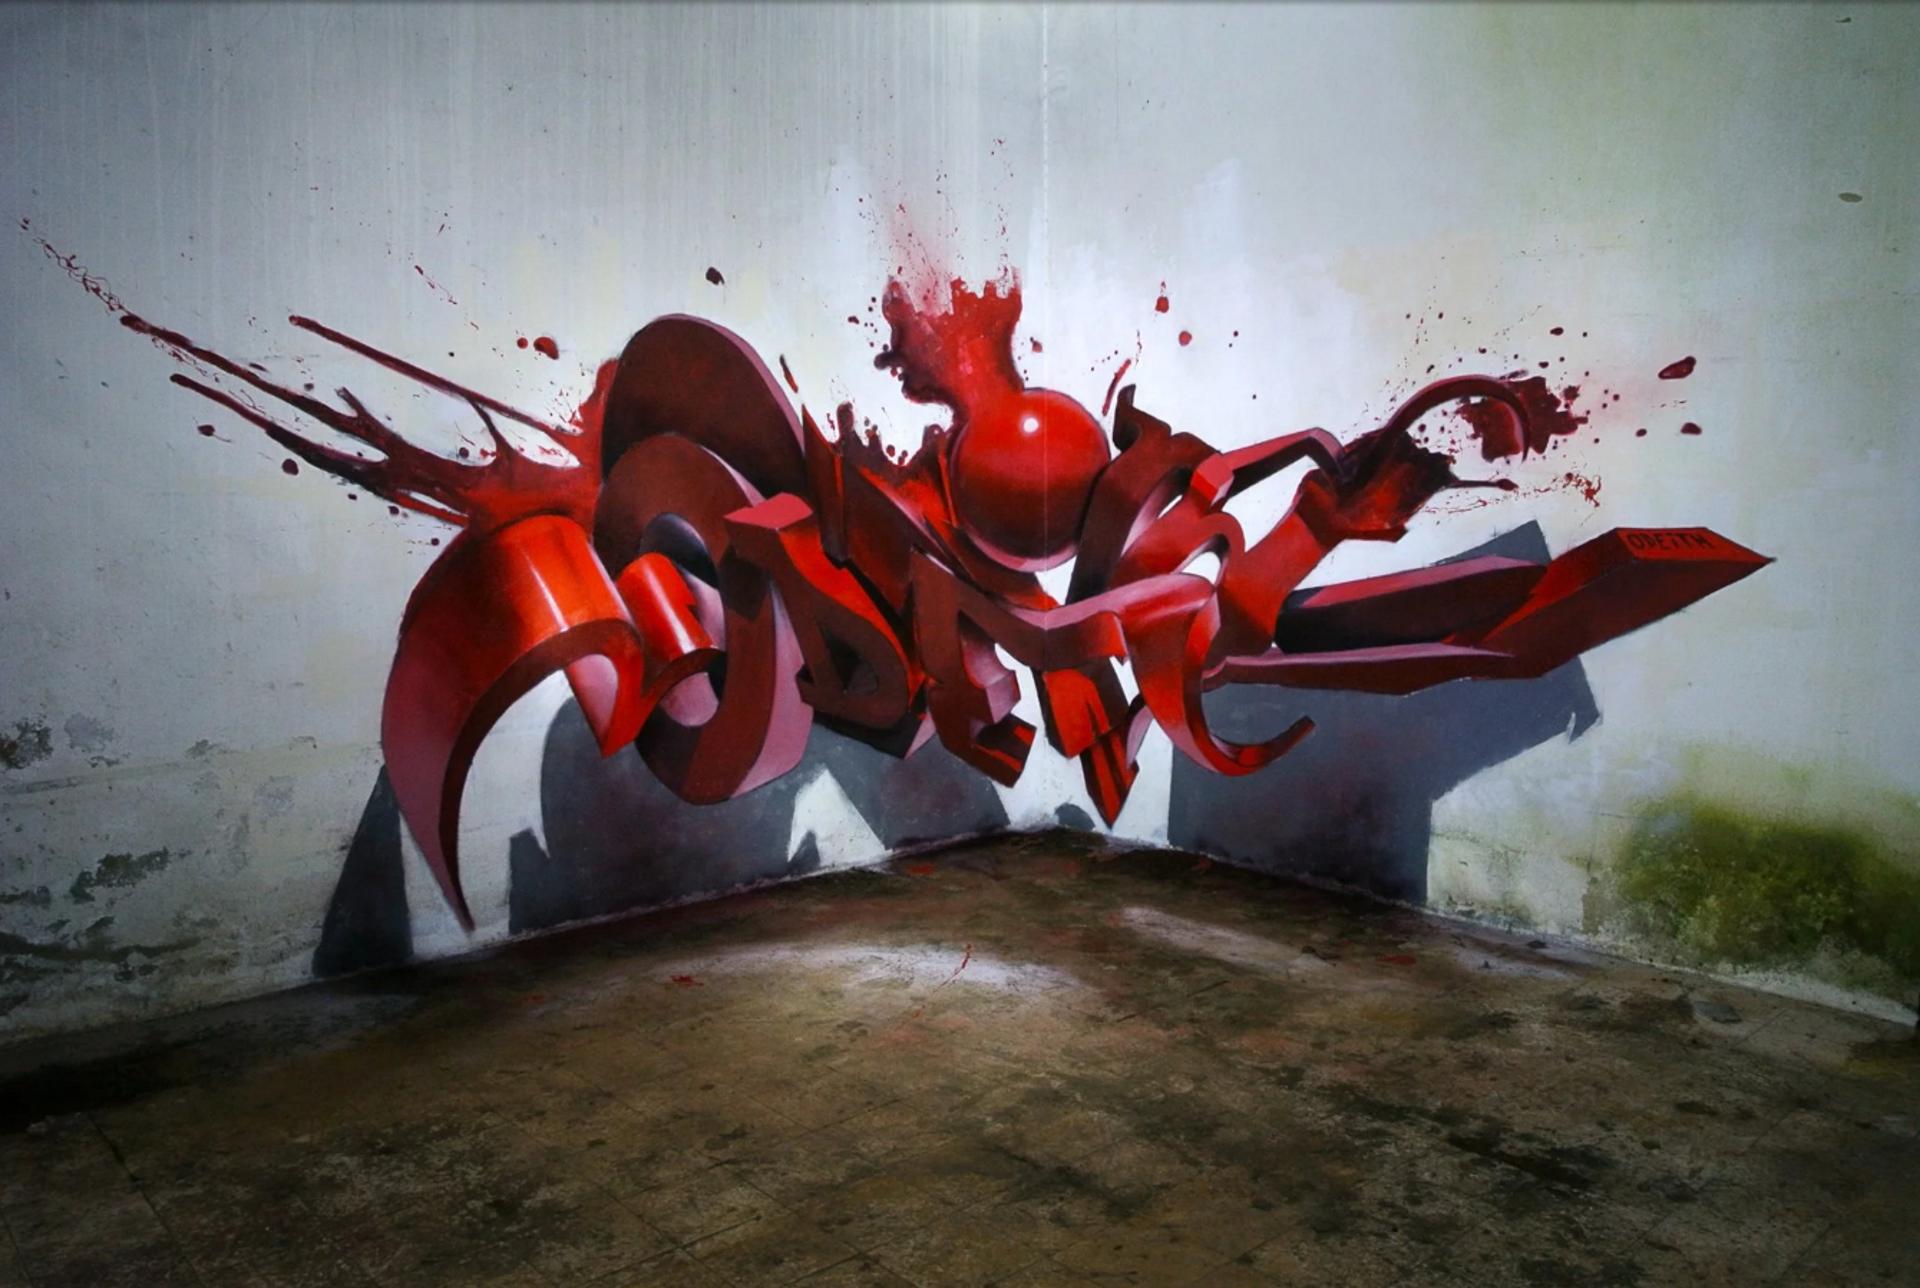 Ilustracja przedstawia graffiti Sergio Odeith'a. Ukazuje czerwony, rozpryskujący się napis zamieszczony wrogu ściany wtaki sposób, że tworzy efekt trójwymiarowy. Na ścianie ipodłodze został namalowany cień napisu.